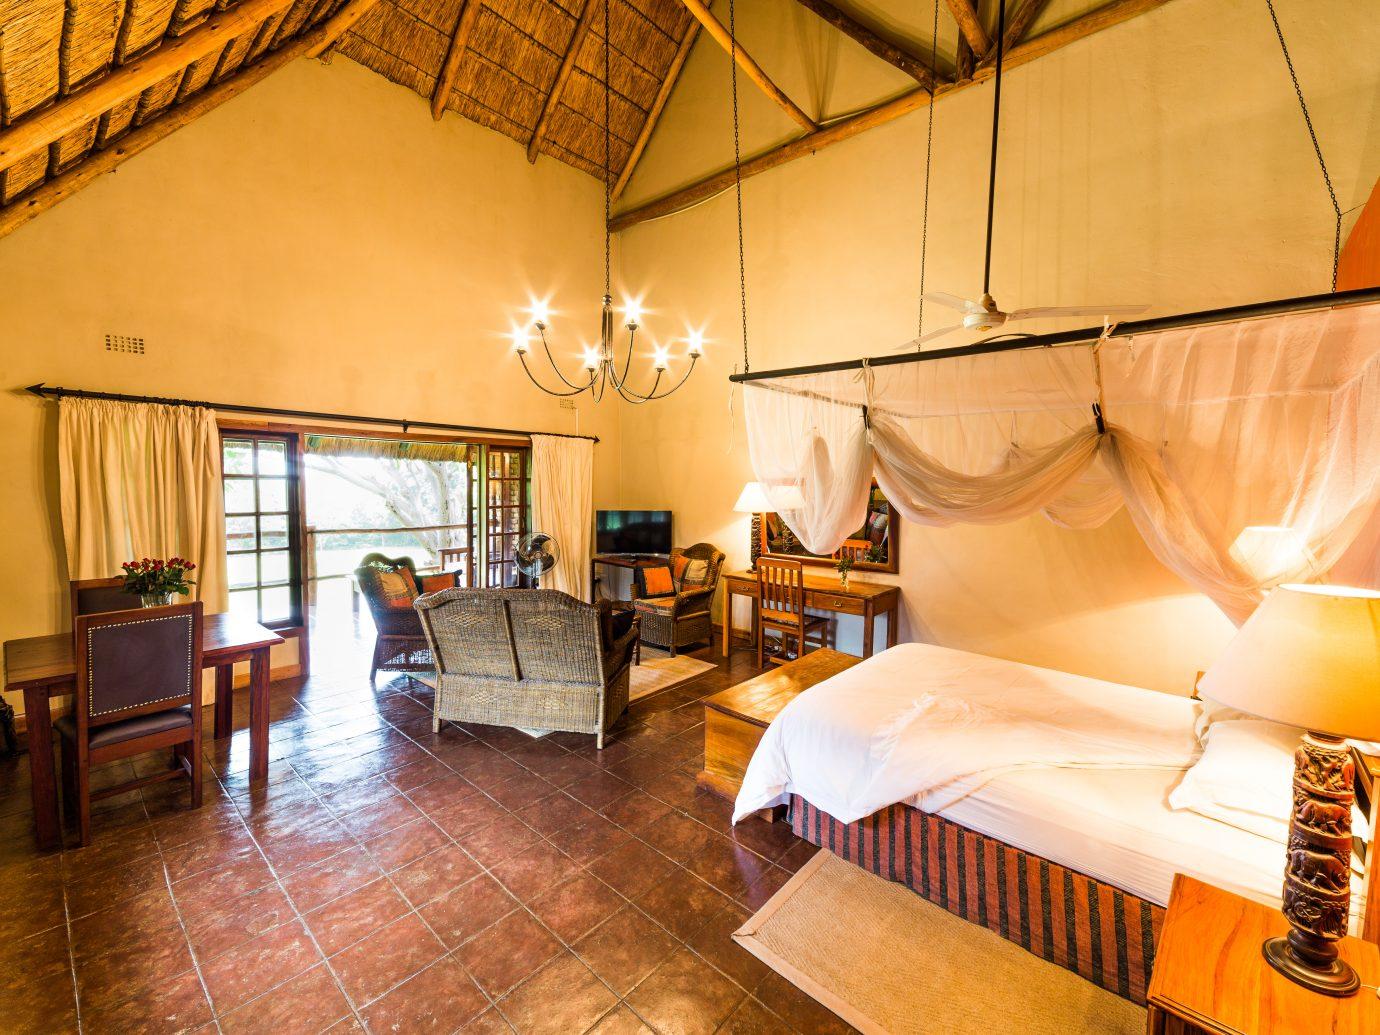 Room at Kumbali Lodge